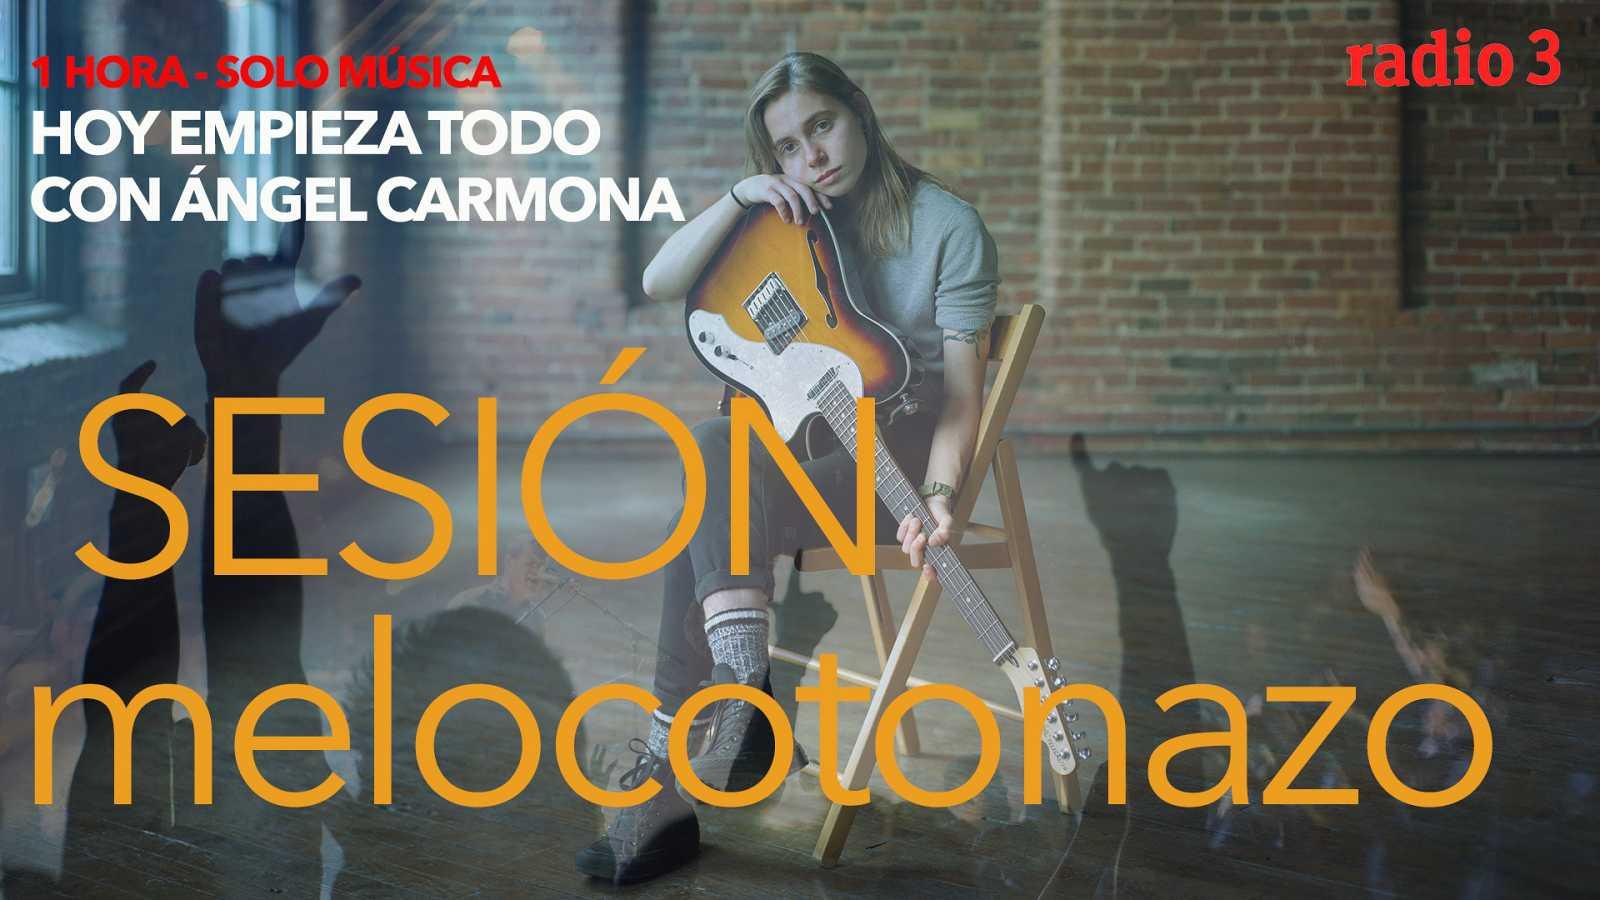 """Hoy empieza todo con Ángel Carmona - """"#SesiónMelocotonazo"""": Los Saicos, Julien Baker, St. Vincent... - 08/03/21 - escuchar ahora"""